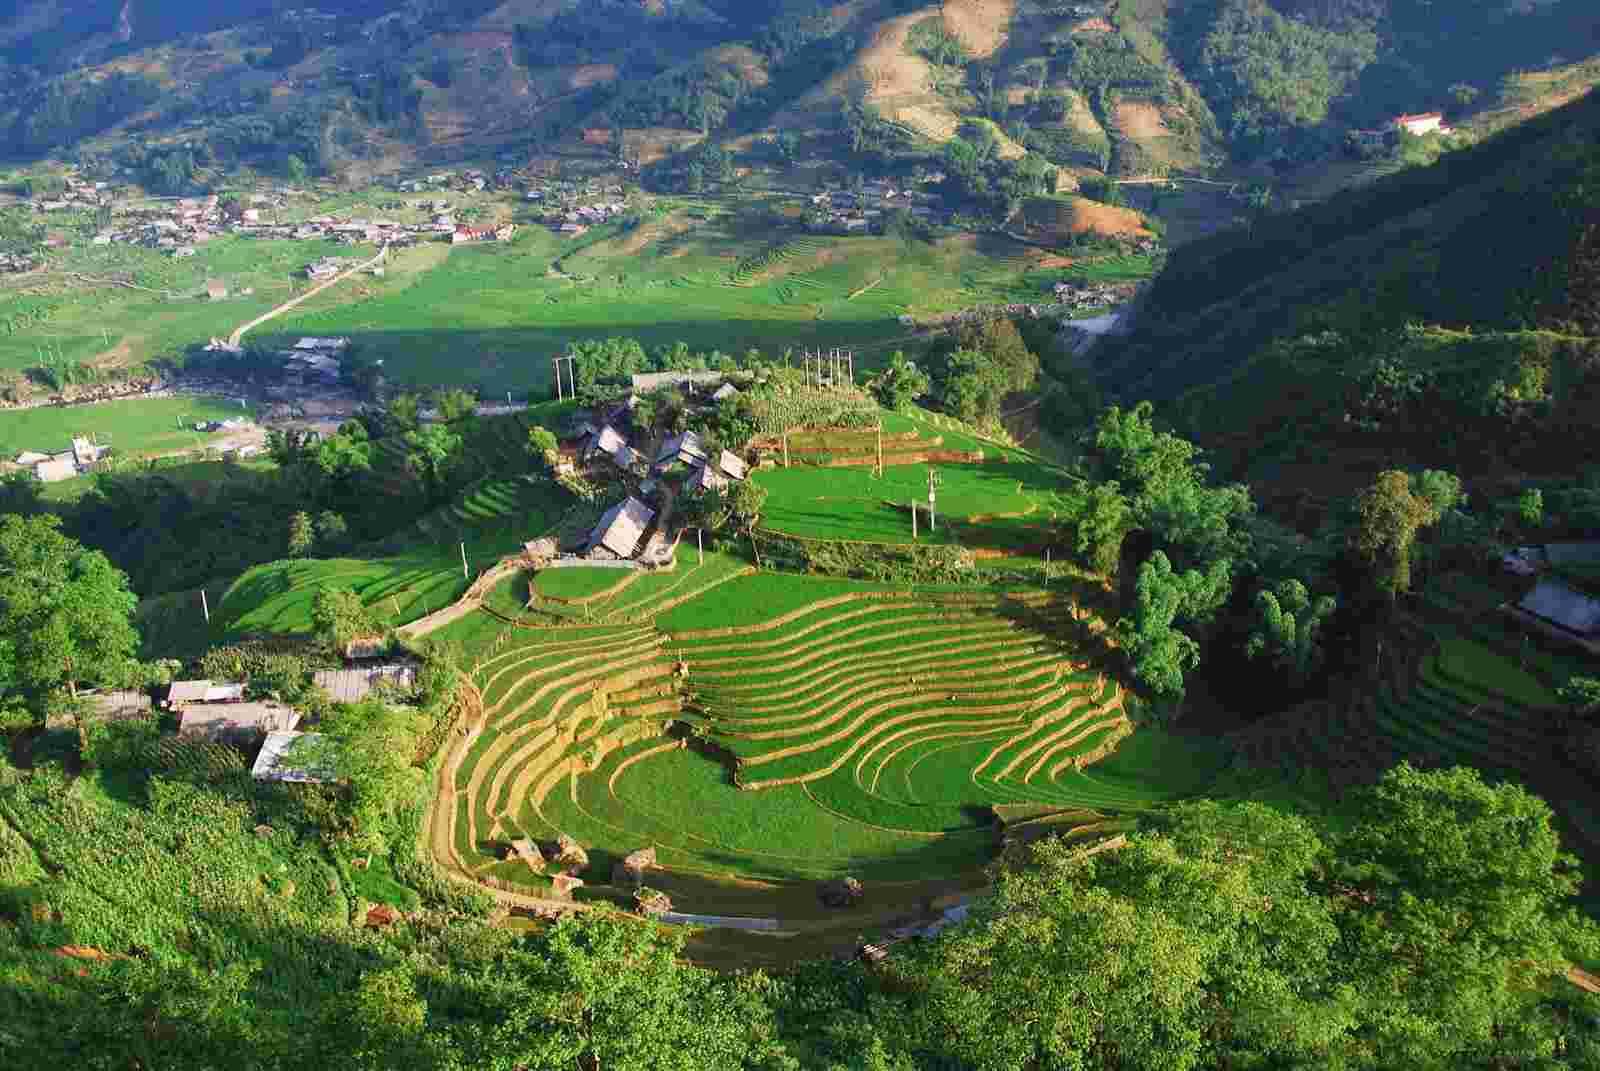 Bản Tả Van Sapa Lào Cai nhìn từ trên cao